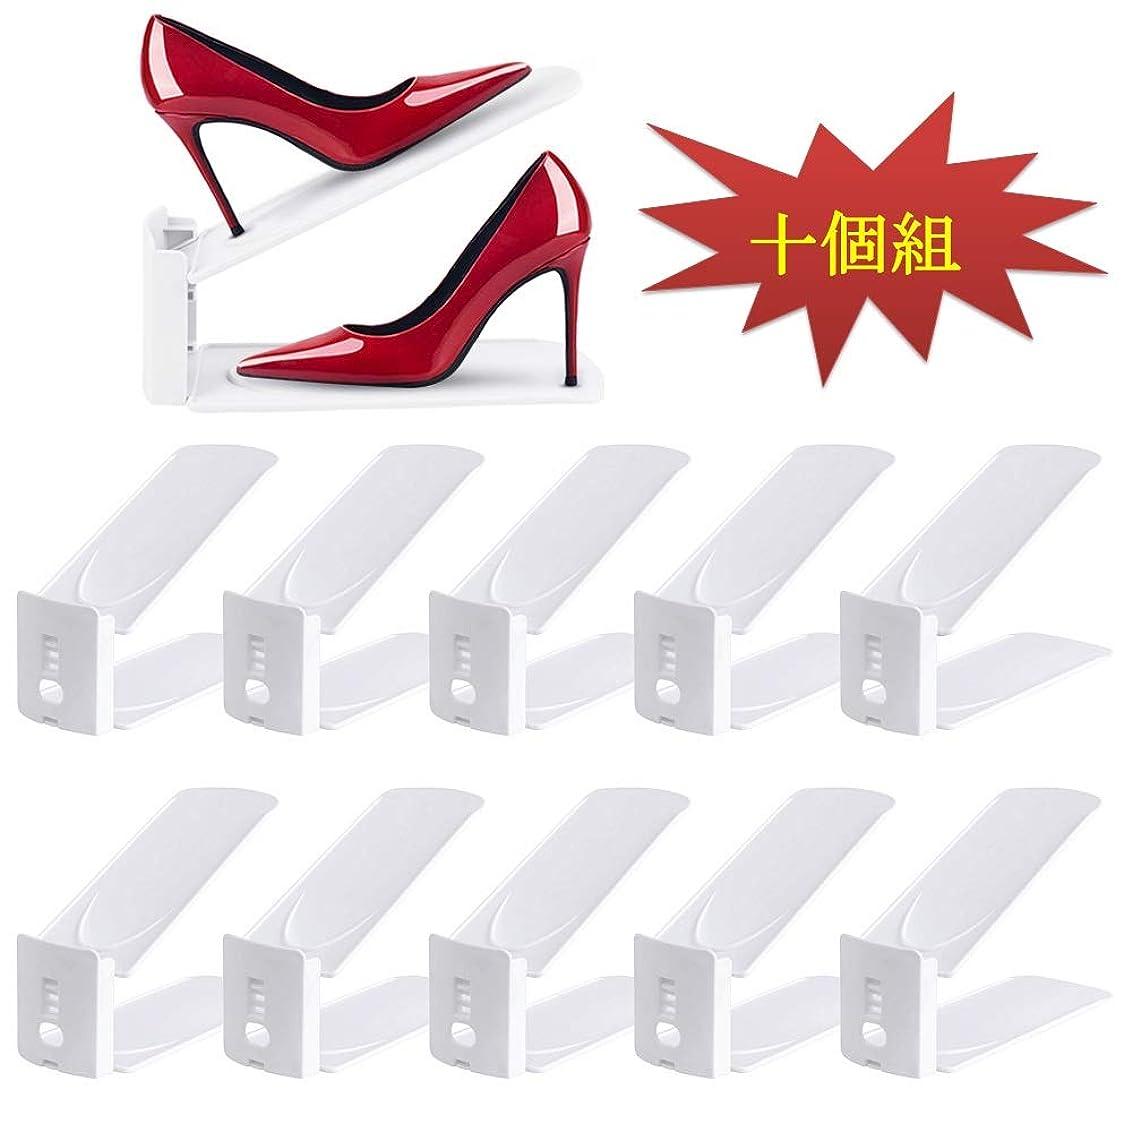 トランクライブラリ保有者関連付ける[SHUJIN] 靴ホルダー シューズホルダー 靴スタンド 高さ三段調節 シューズラック 男女兼用 省スペース 靴 収納 下駄箱 玄関収納 整理 (10個セット, ホワイト)